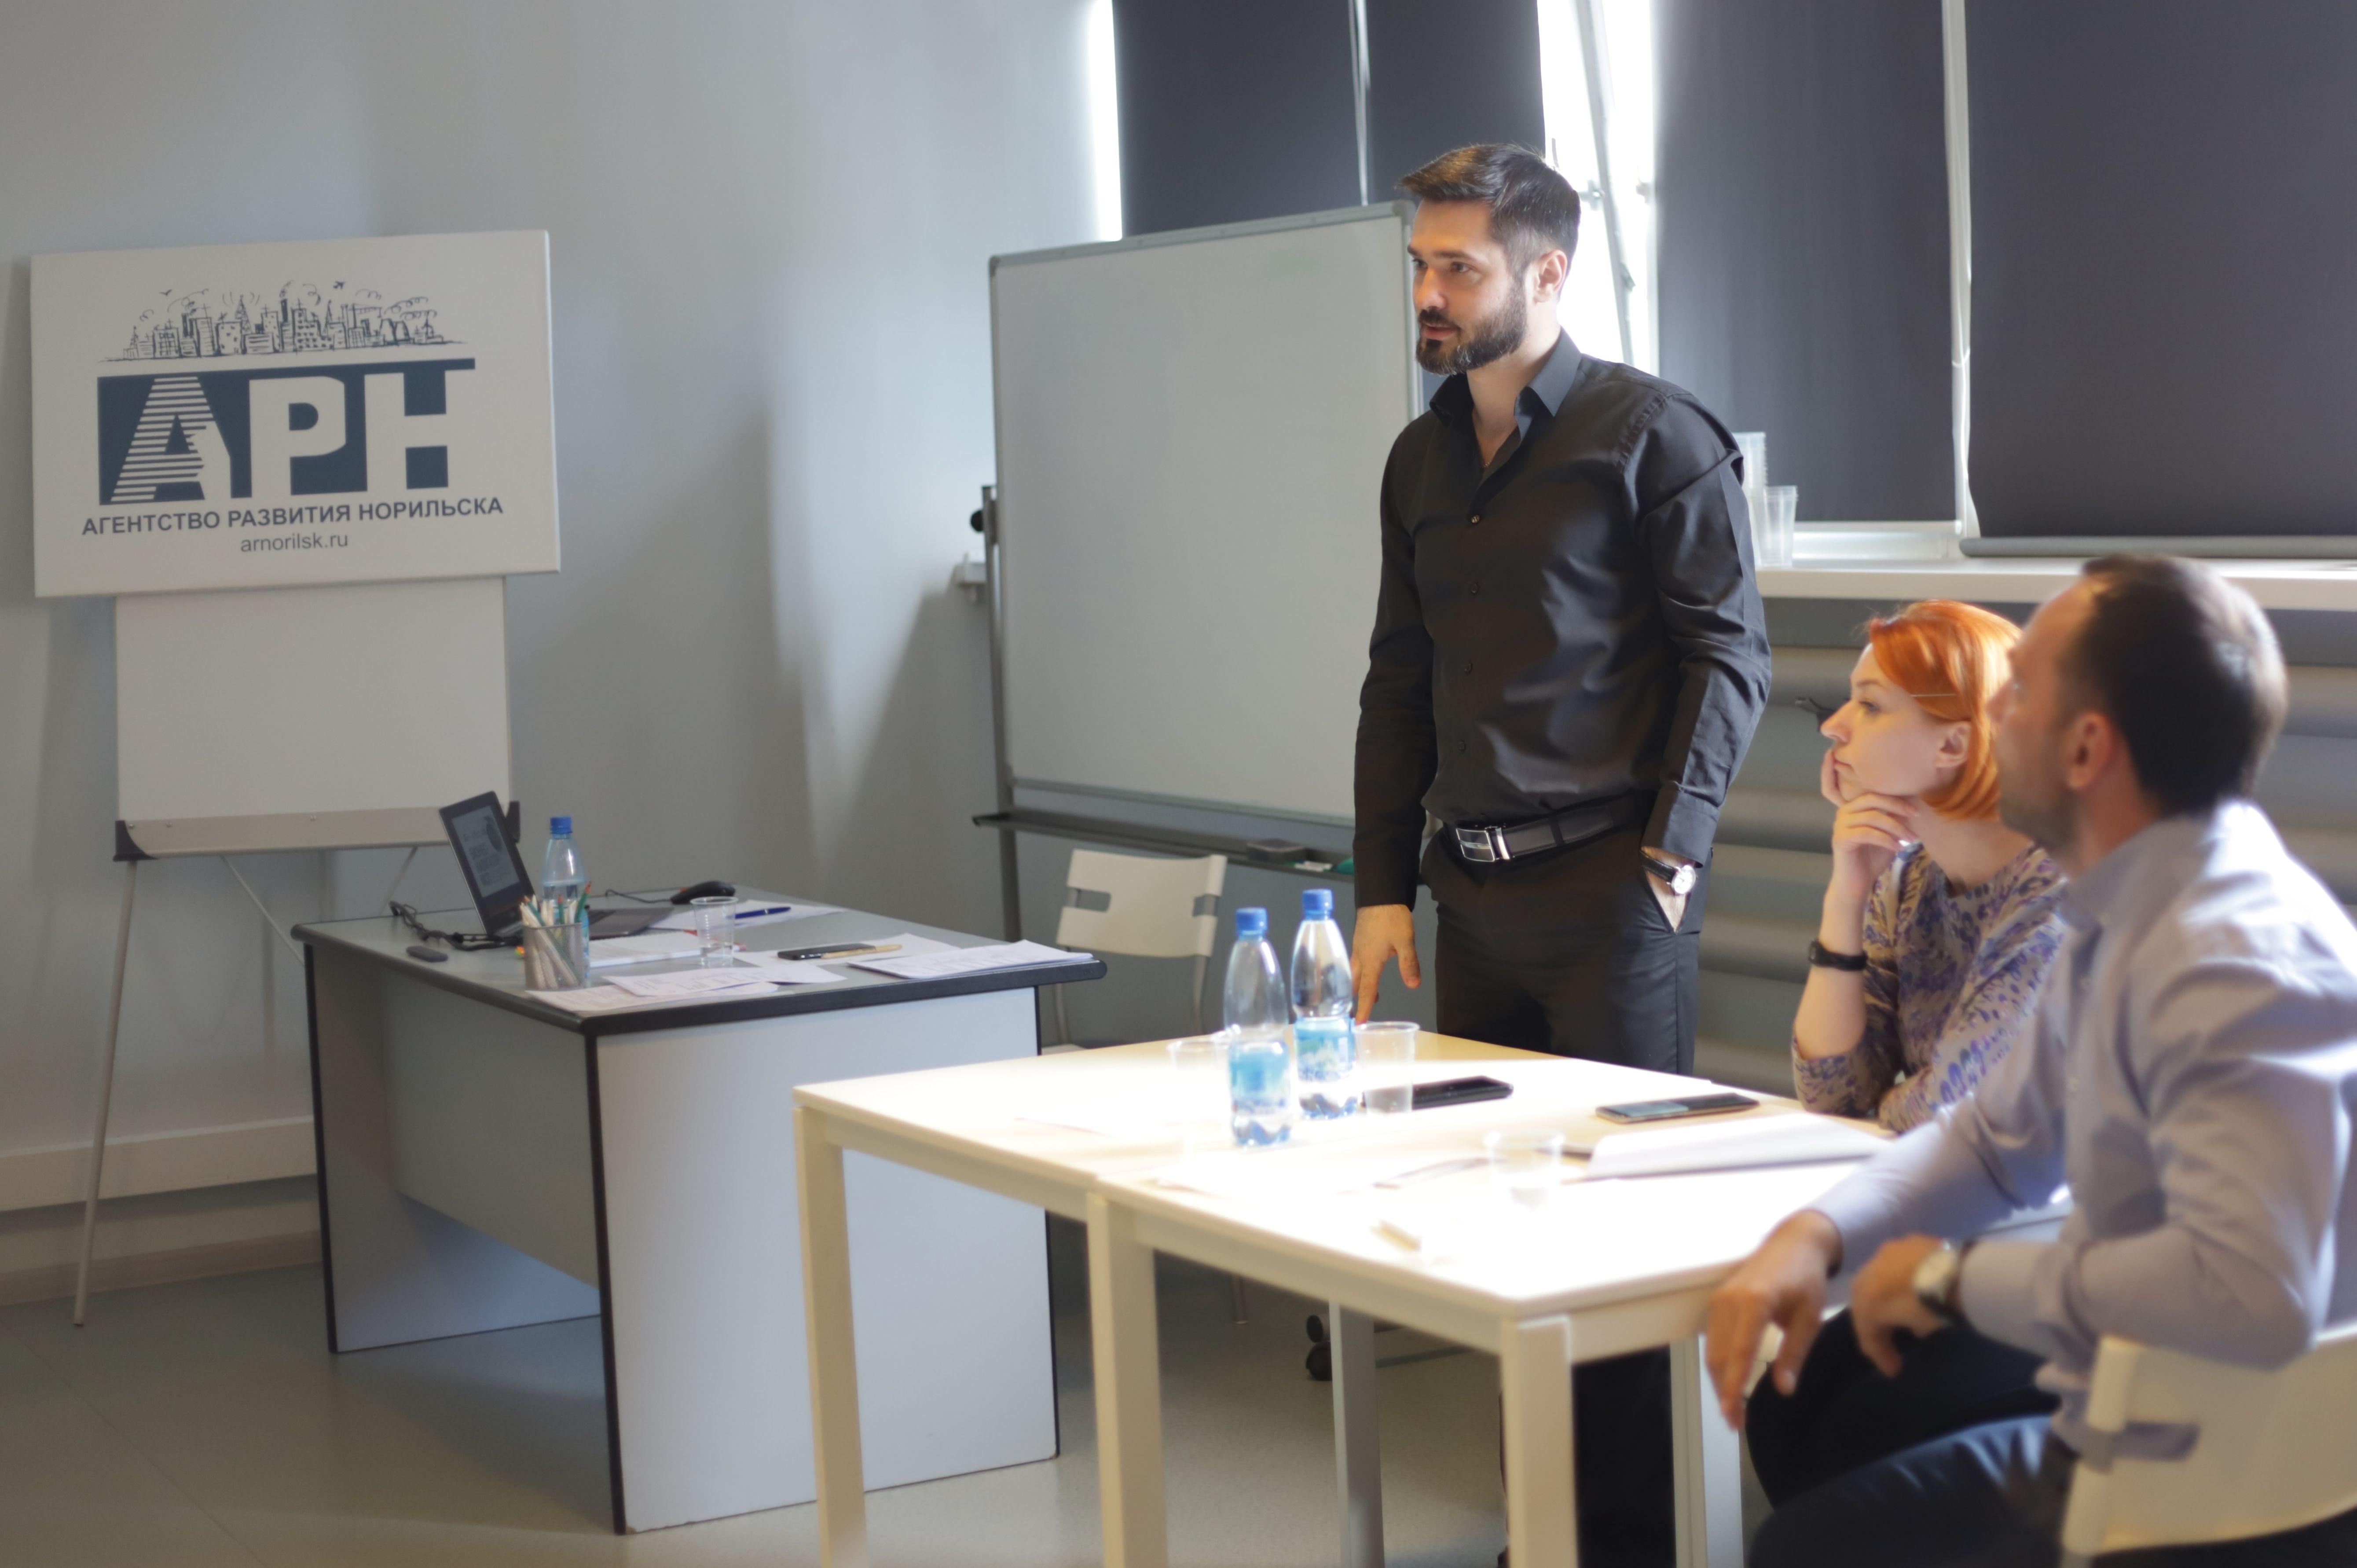 Образовательный модуль для предпринимателей «Финансовая поддержка»